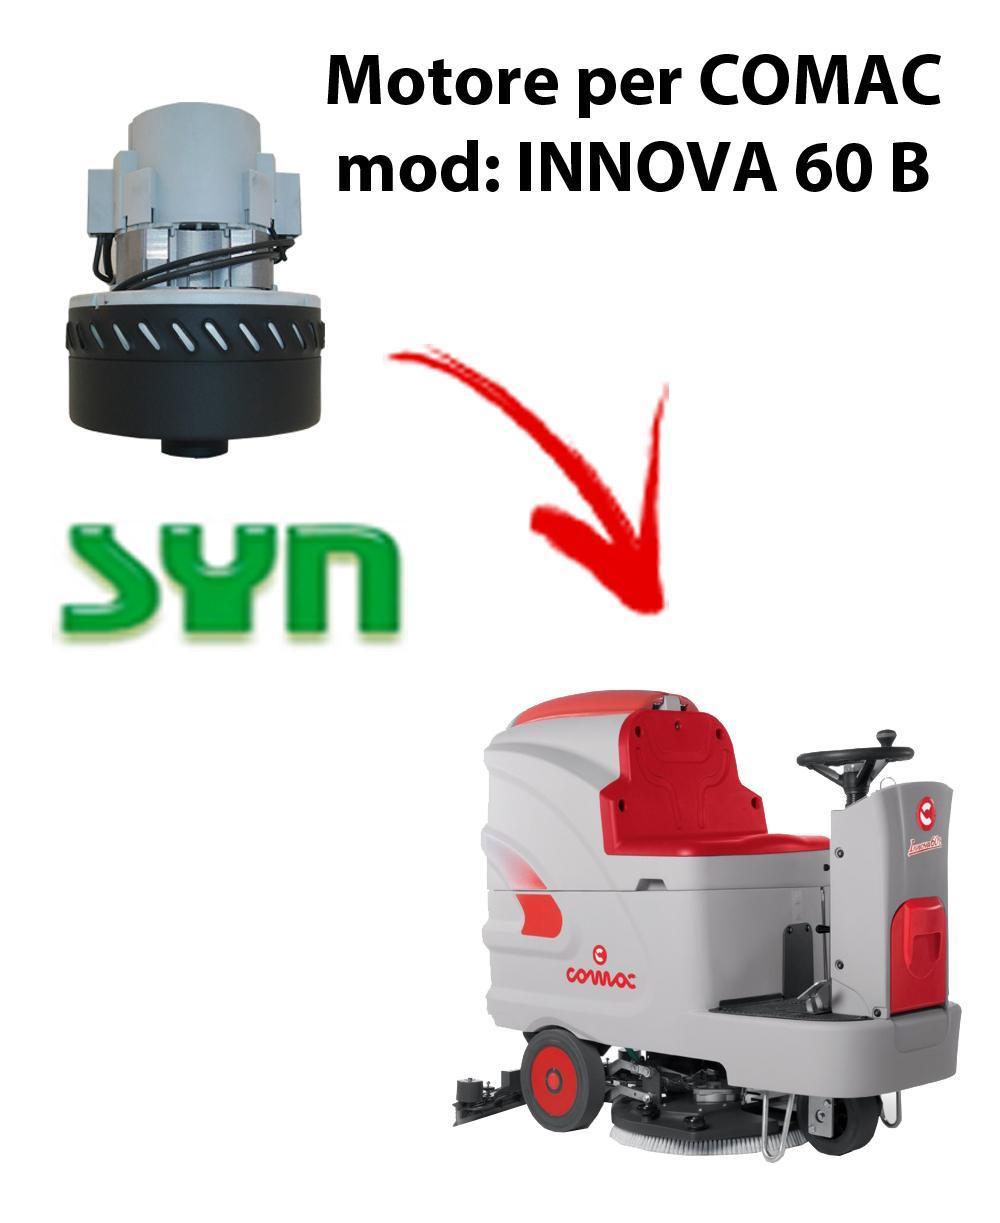 INNOVA 60 B Motore de aspiración SYN para fregadora Comac